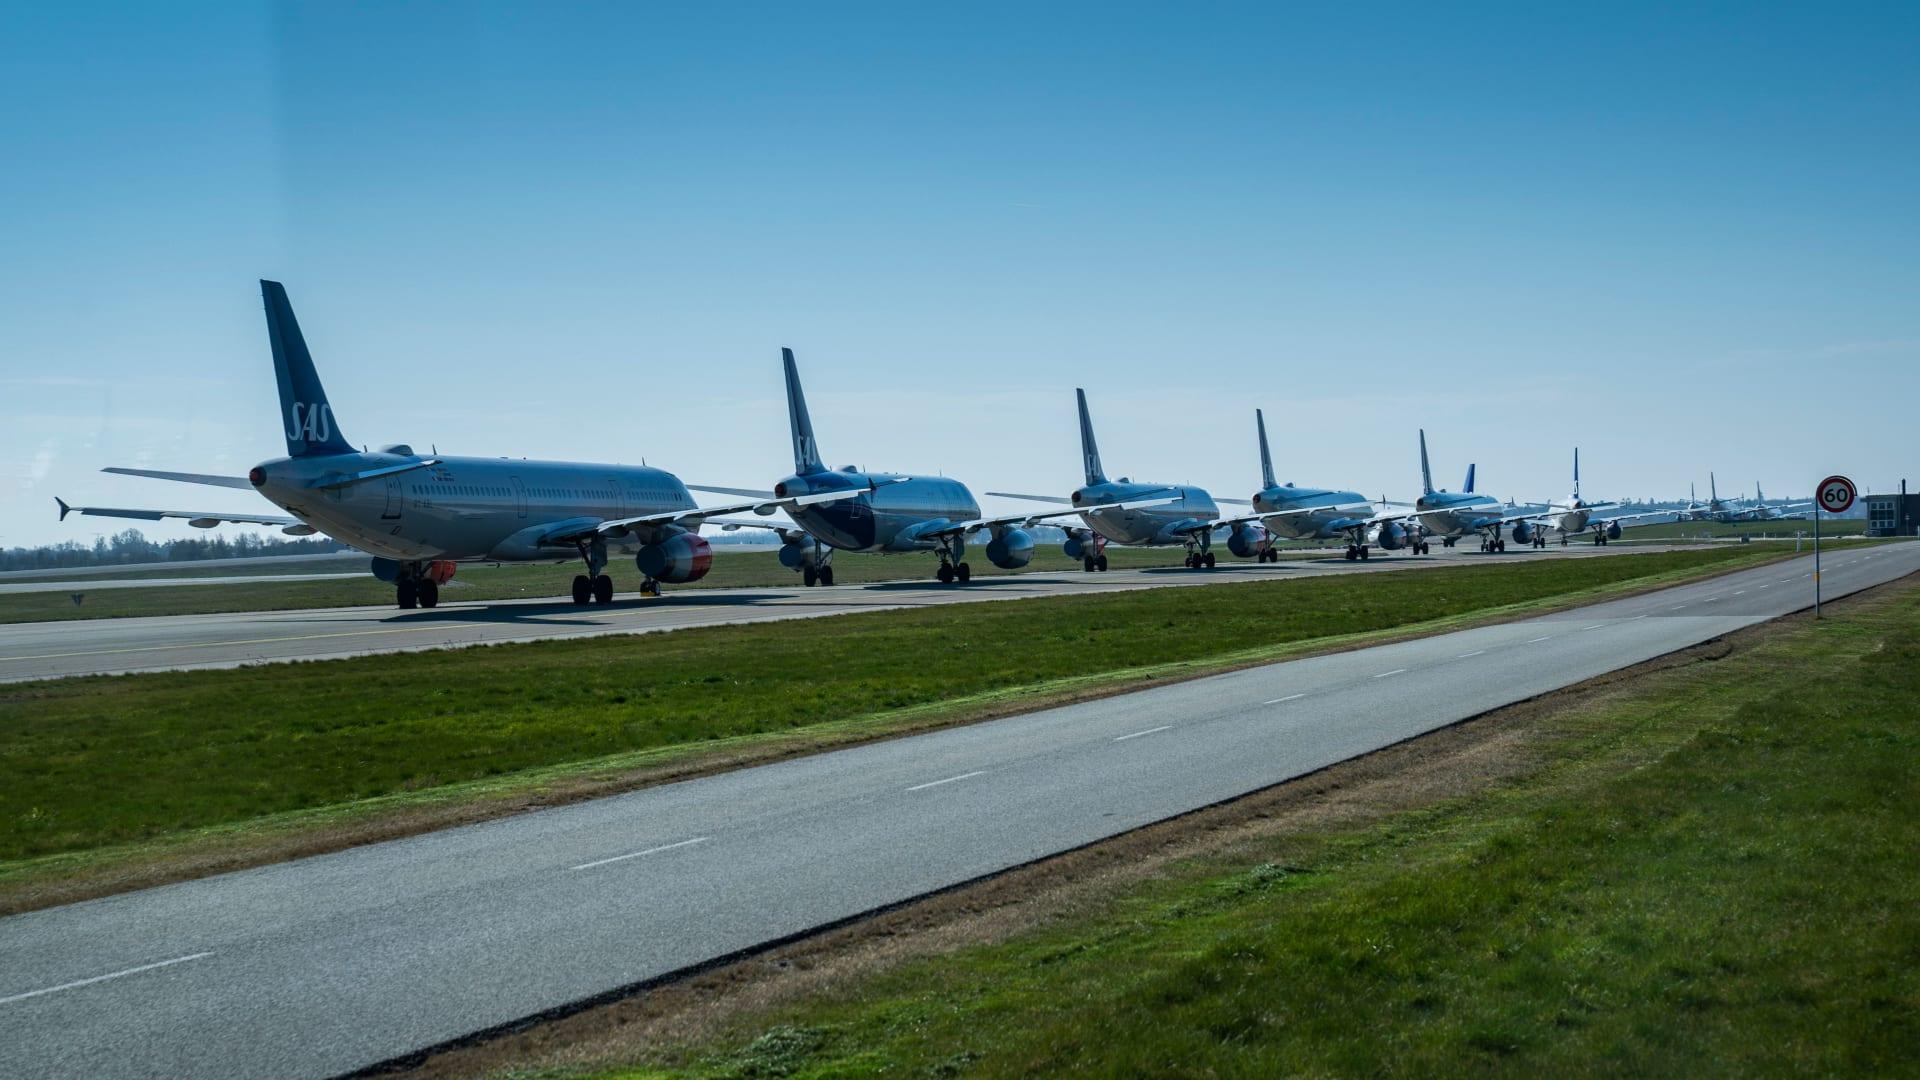 الدنمارك توقف رحلات الطيران من الإمارات بسبب شكوك حول فحص كورونا